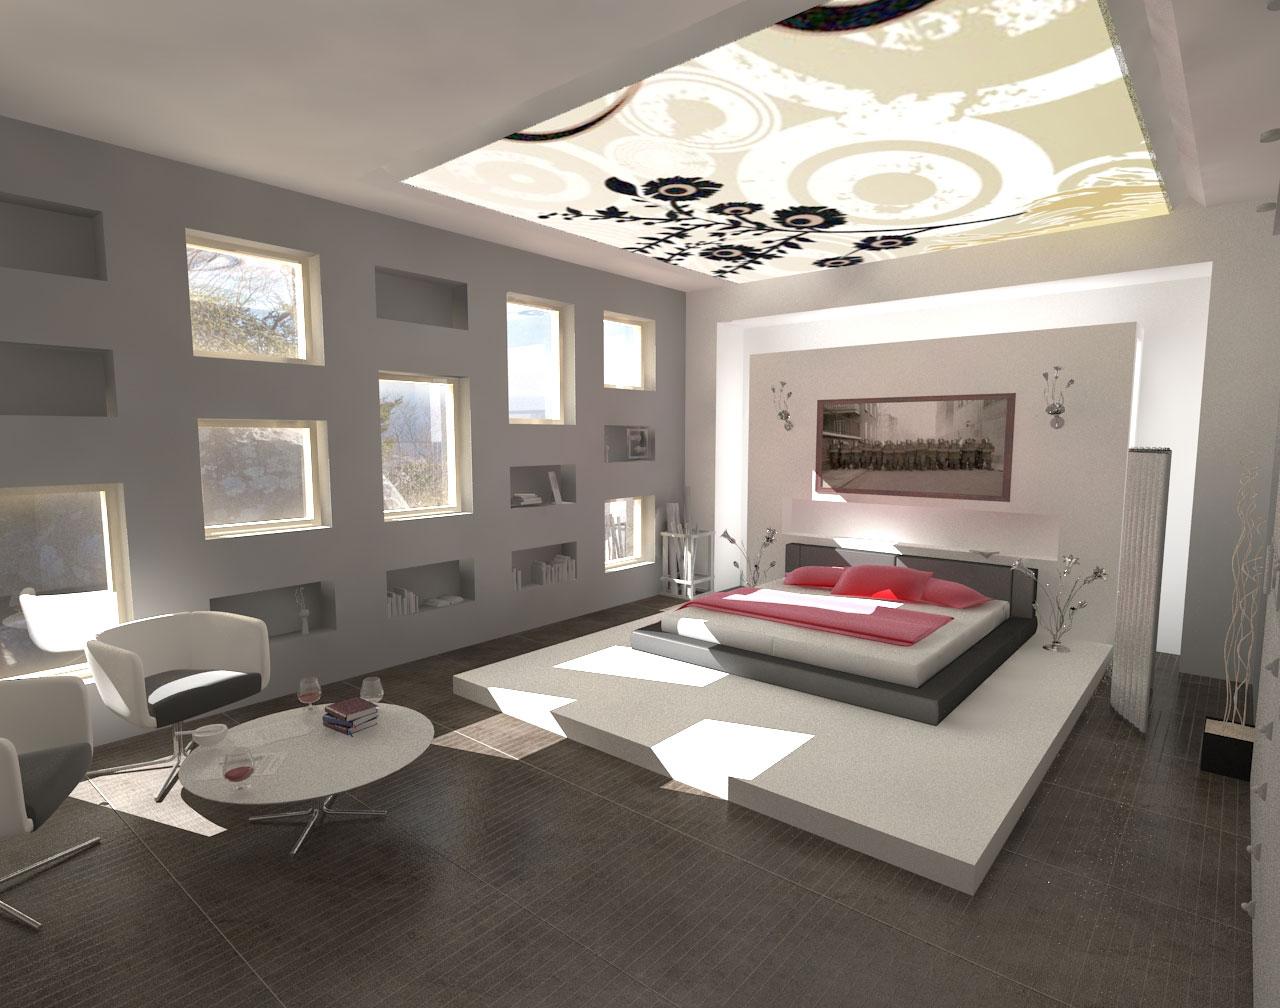 Decorations: Minimalist Design - Modern Bedroom Interior ... on Bedroom Minimalist Ideas  id=96070